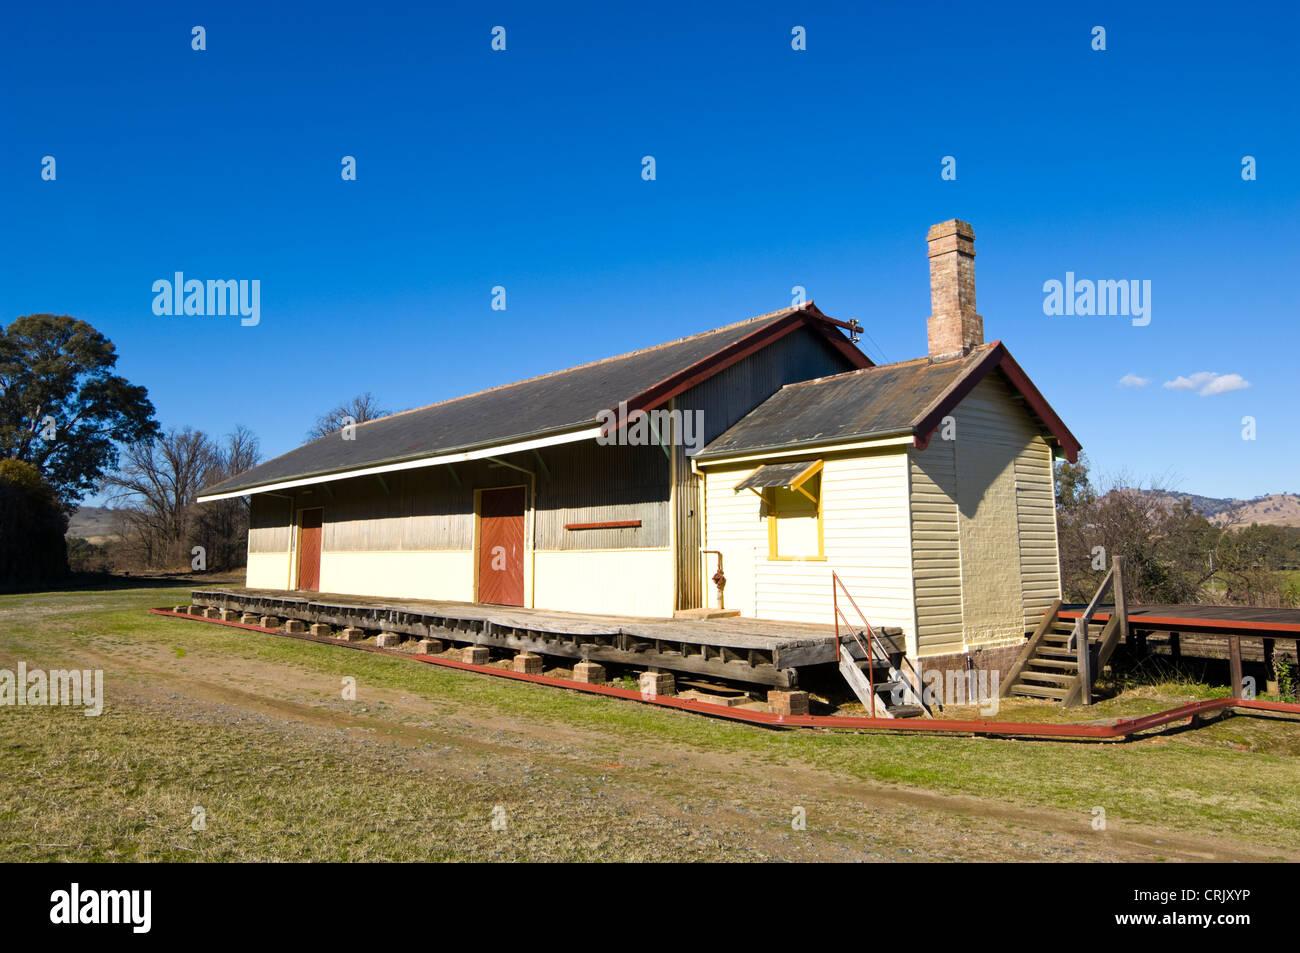 Gundagai Stock Photos & Gundagai Stock Images - Alamy